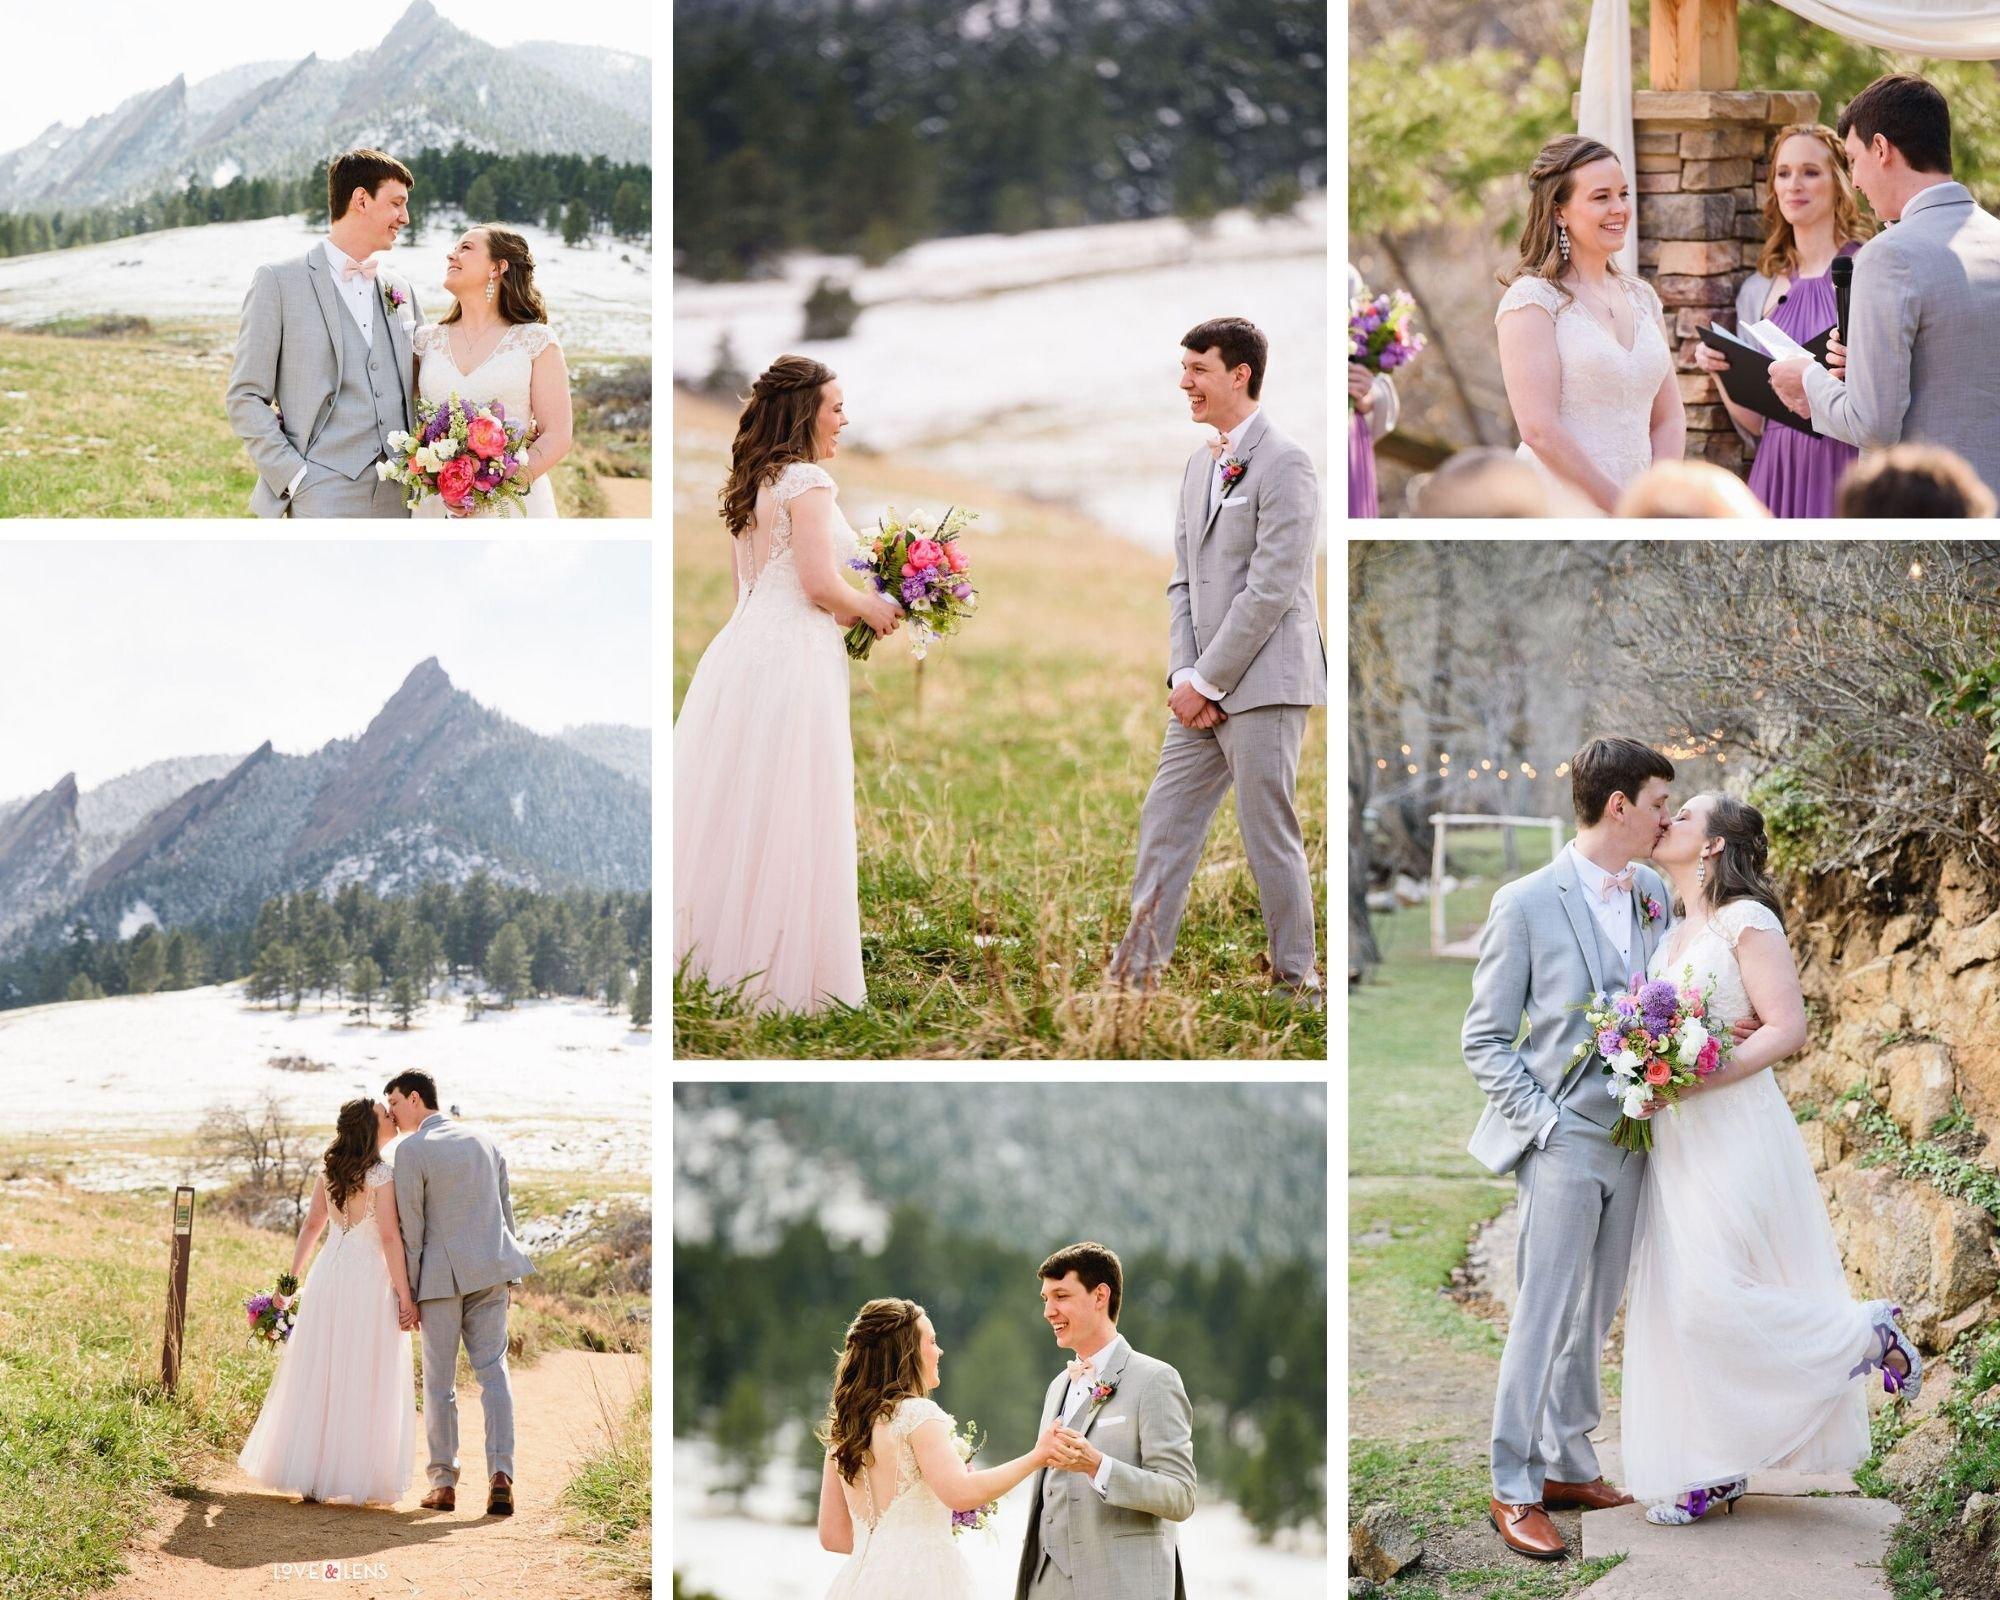 Mountainside Winter Wedding in Colorado